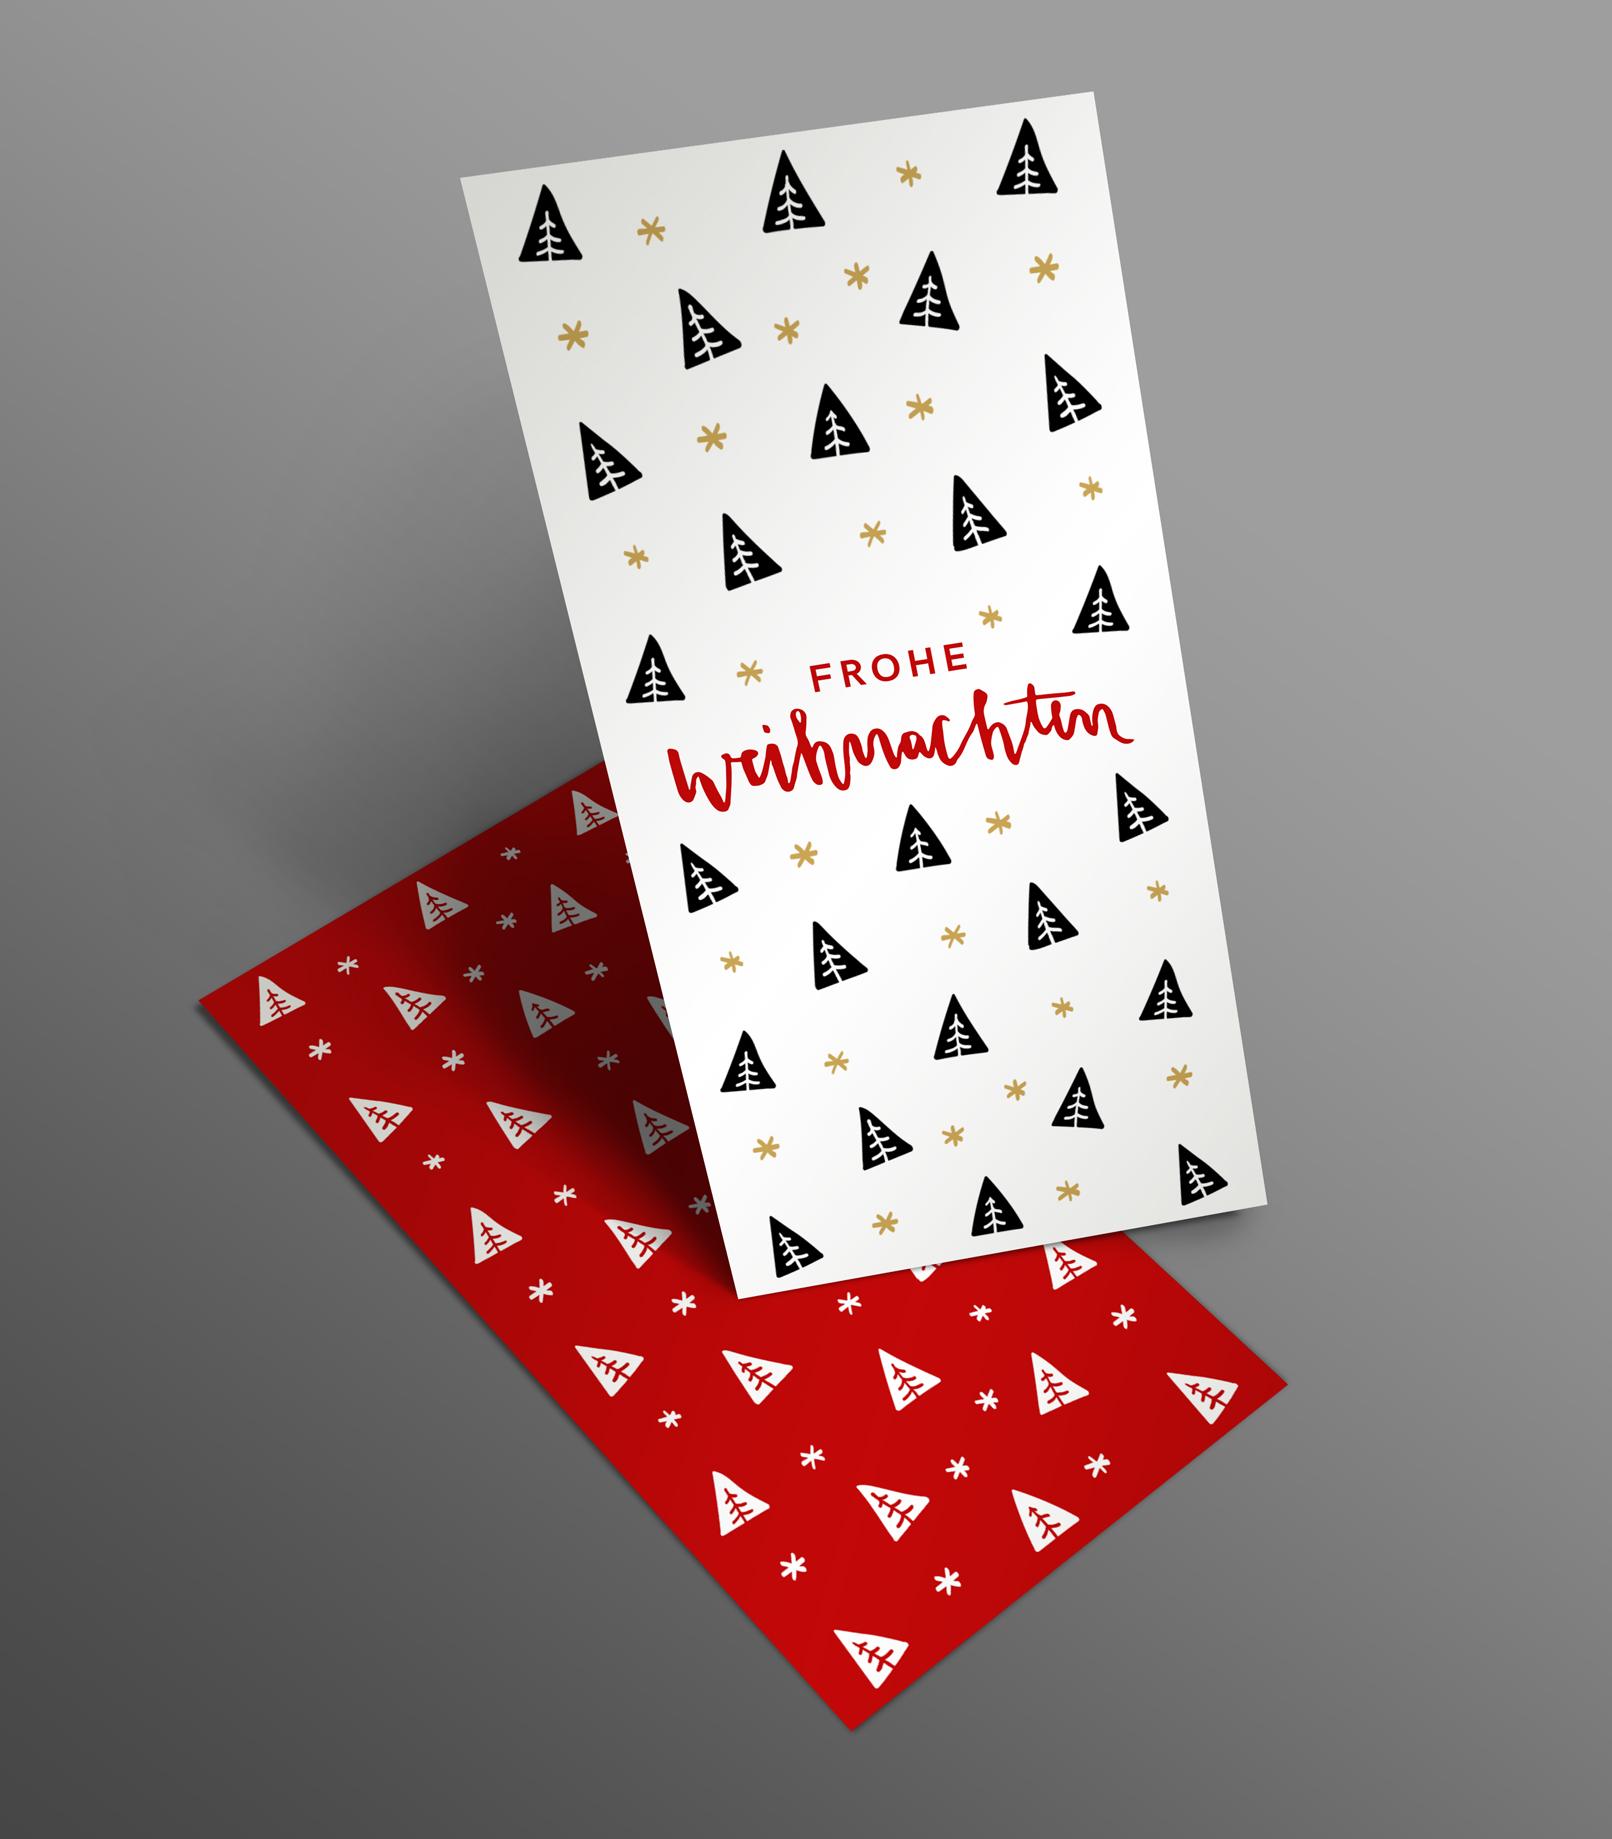 Weihnachtskarte mit Tannenbaum-Muster